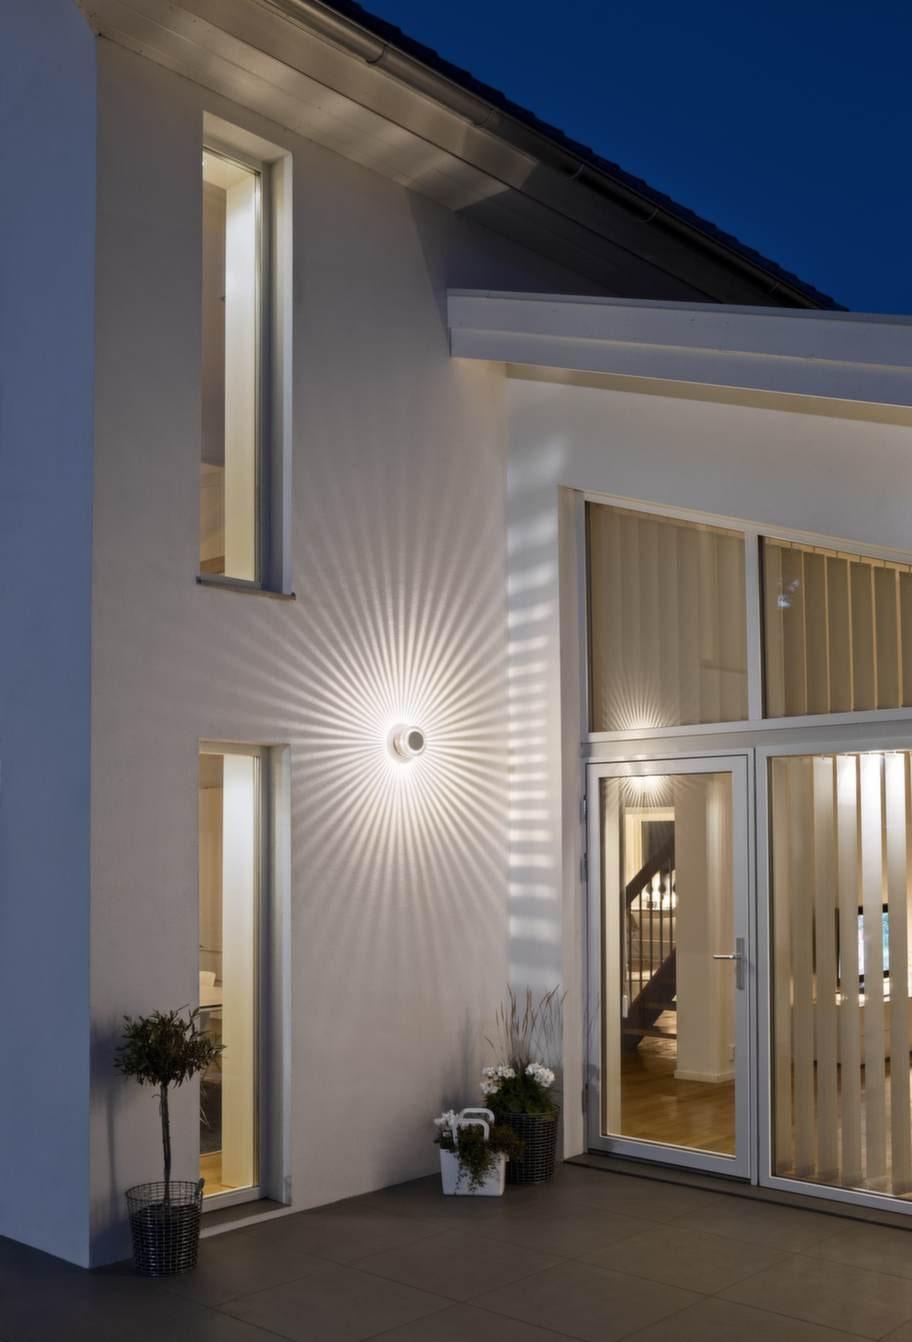 Monza heter väggbelysningen som skapar en sol på väggen, 795 kronor, Konstsmide.